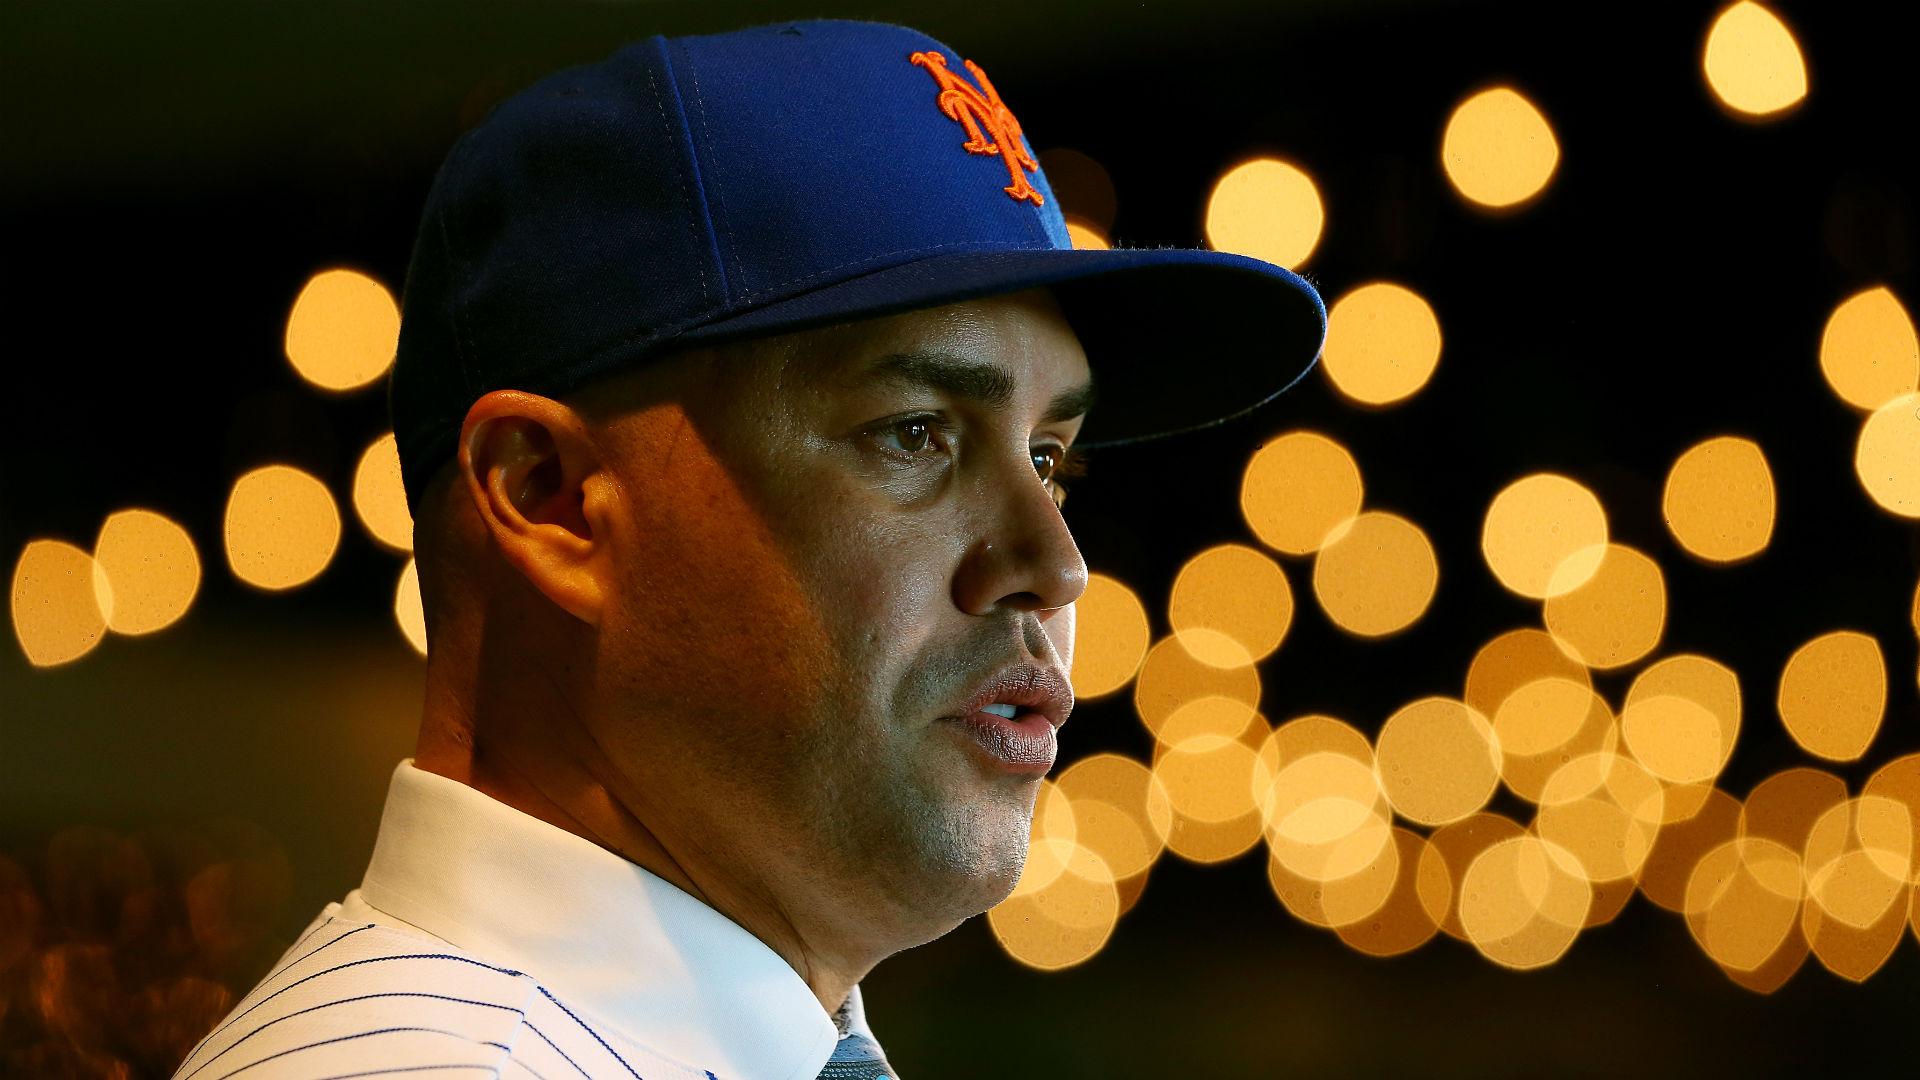 Por qué Carlos Beltrán no merece ser despedido como gerente de los Mets, aún 2